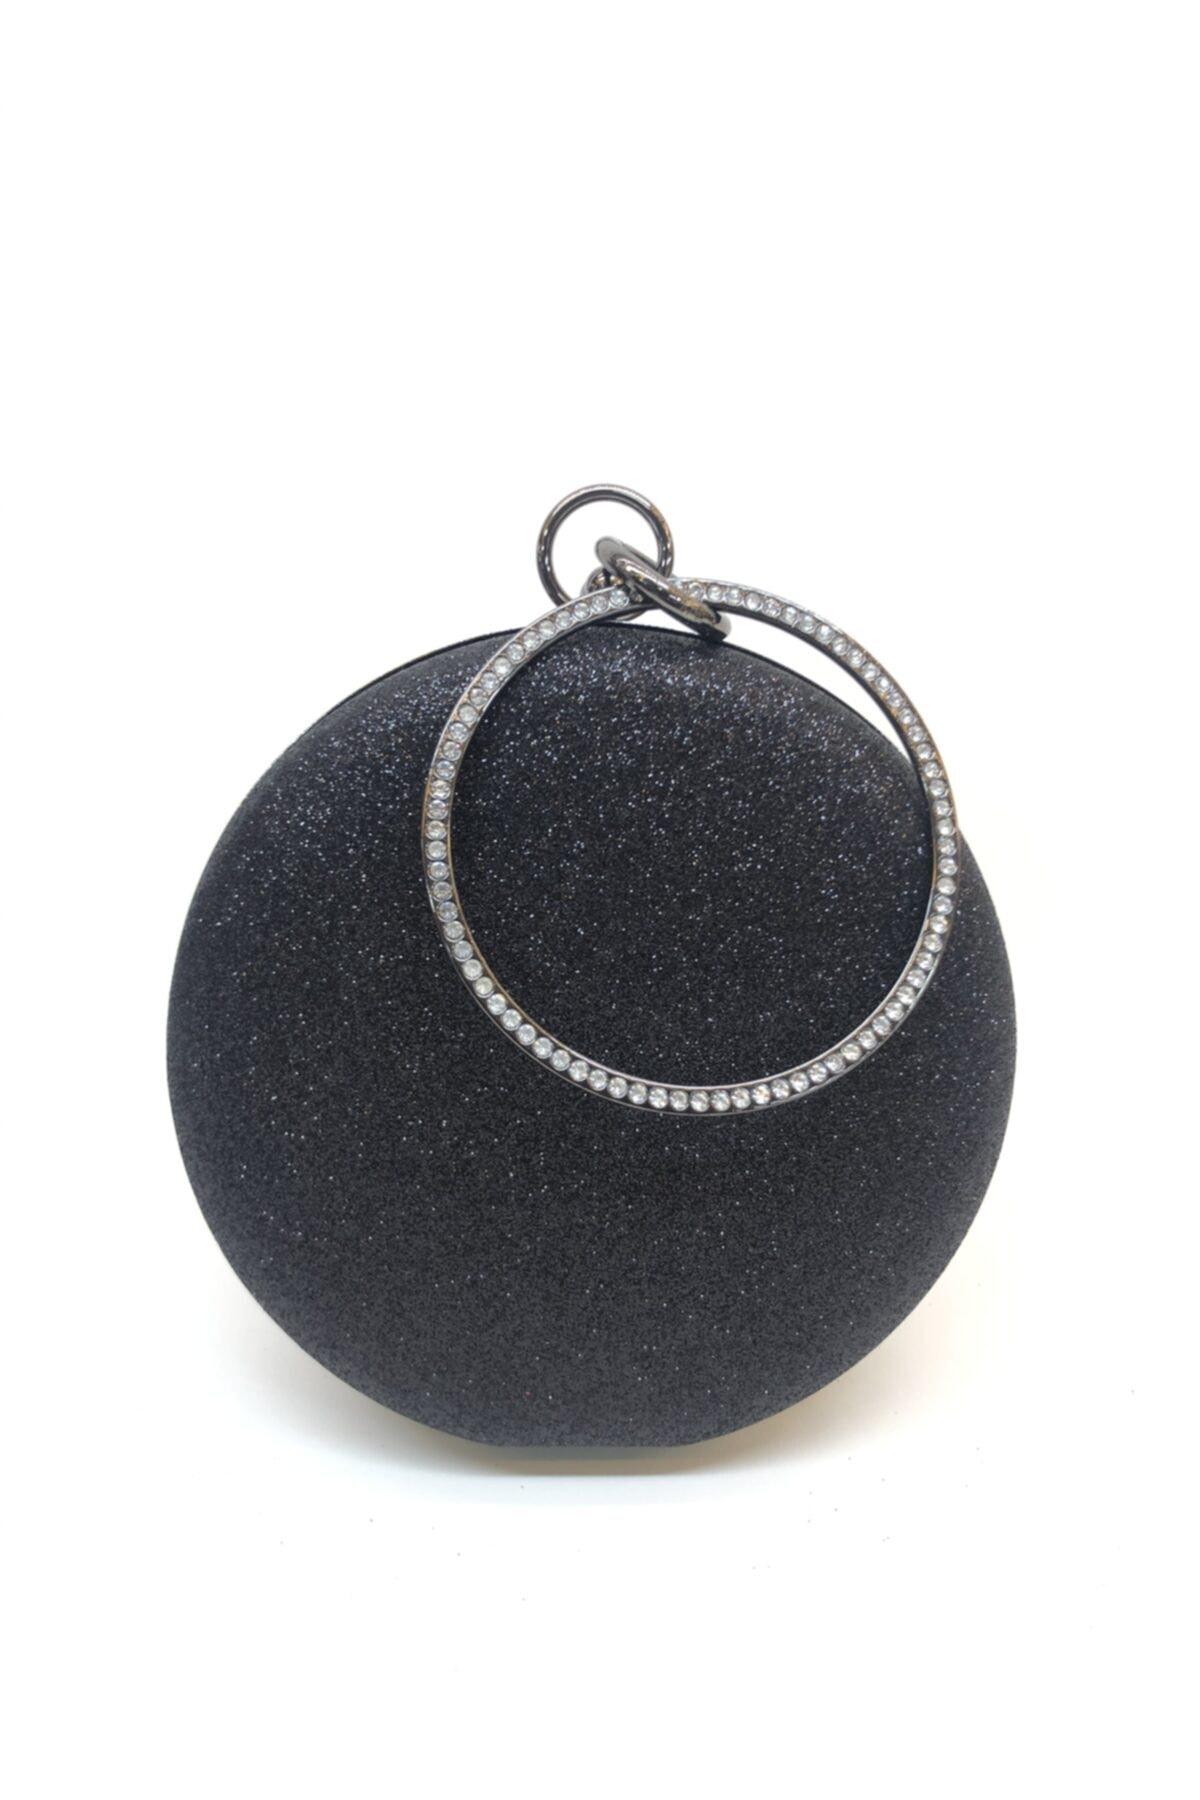 Kadın Simli Siyah Renk Taşlı Abiye Portföy Clutch Çanta